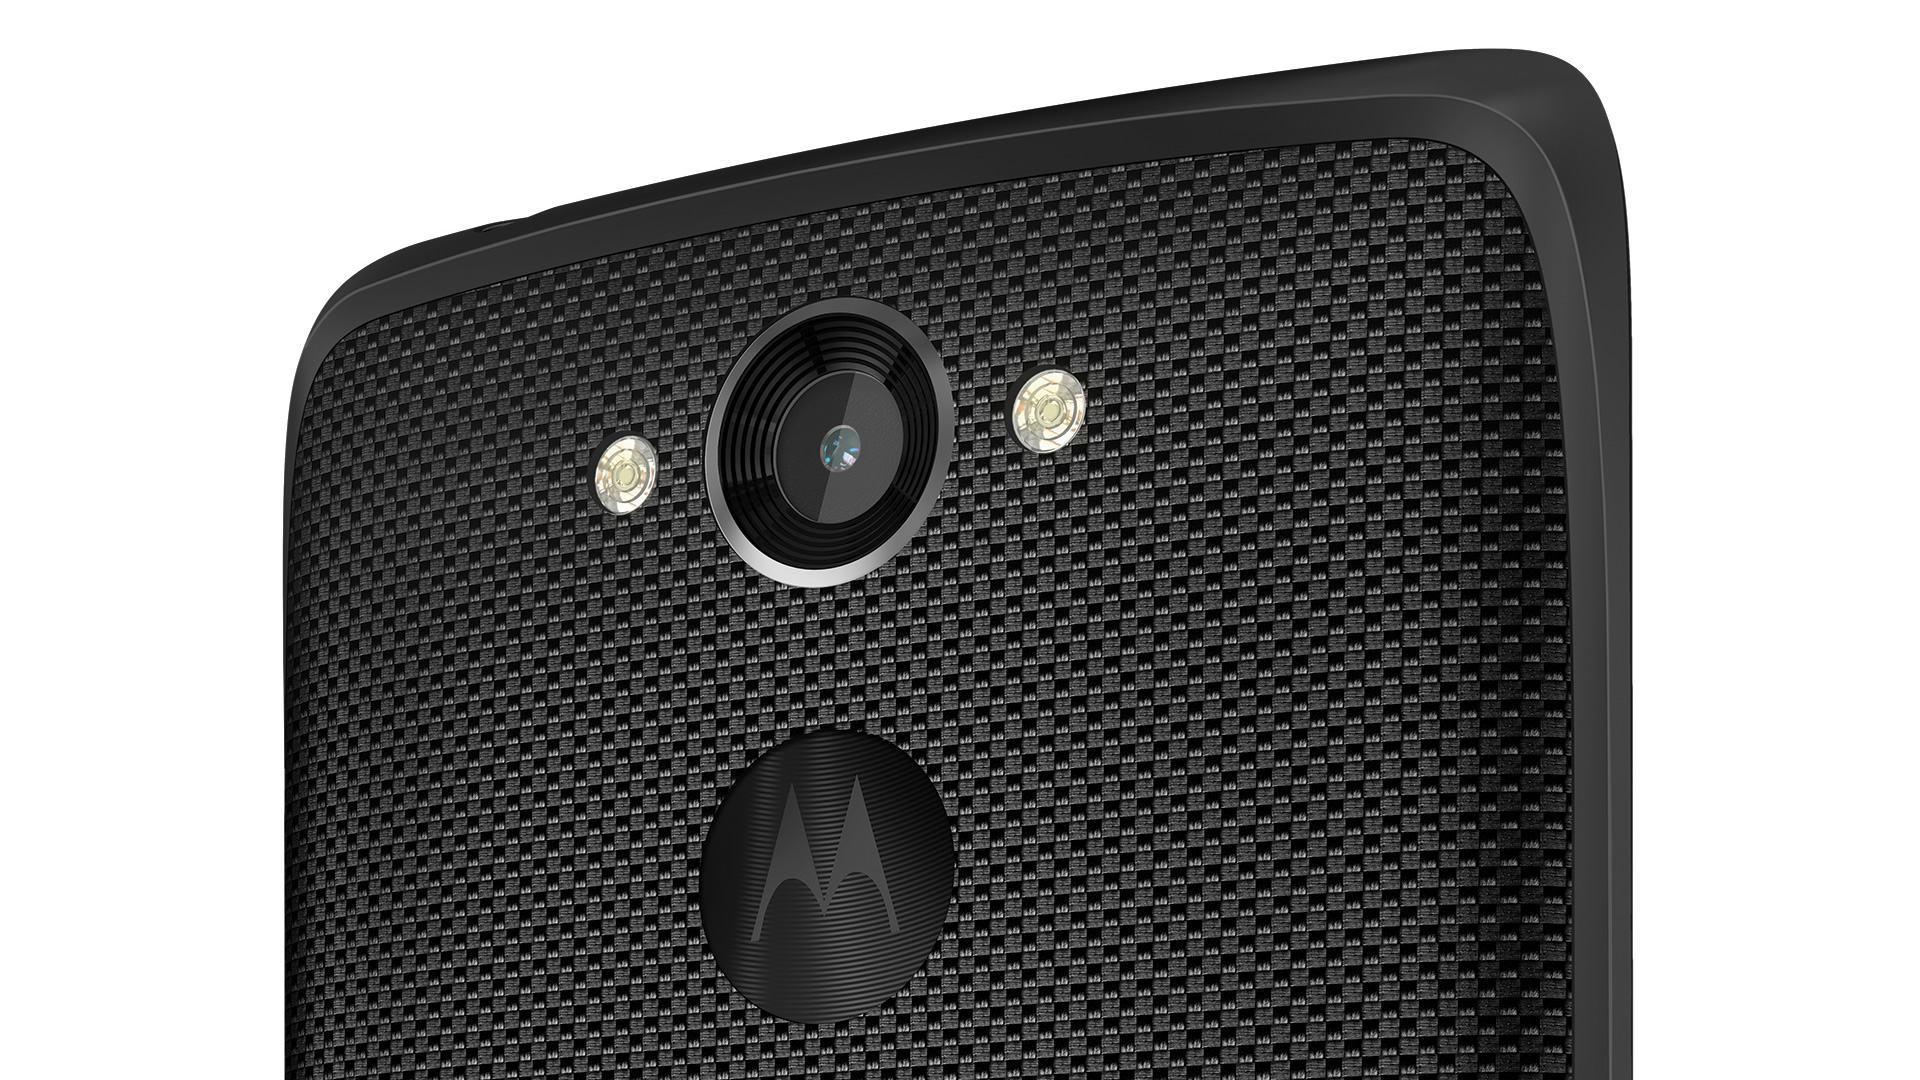 Detalhe no acabamento do Moto Maxx.